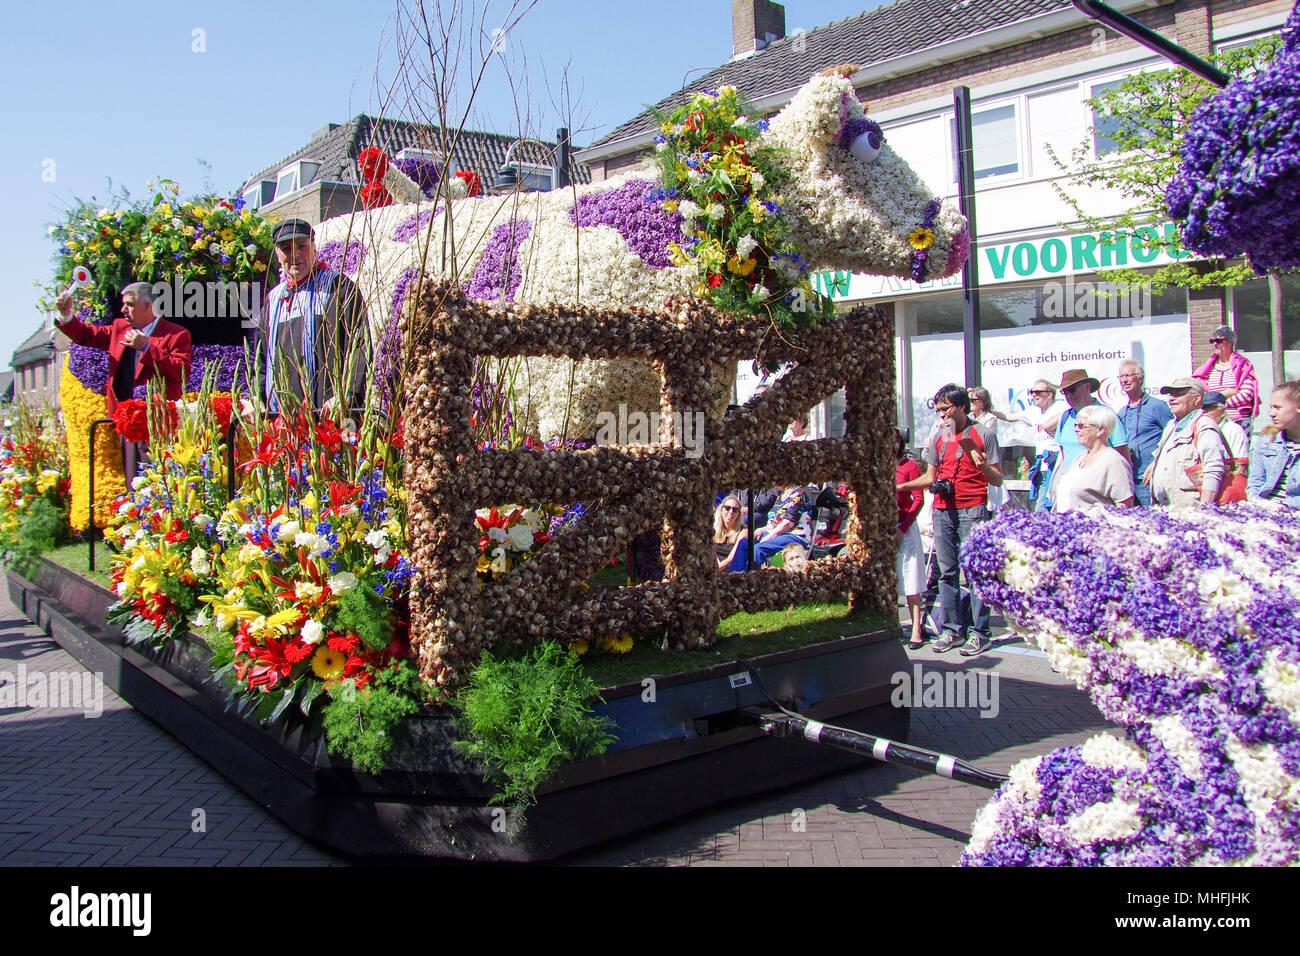 Une fleur flotter en passant par Voorhout, village de la